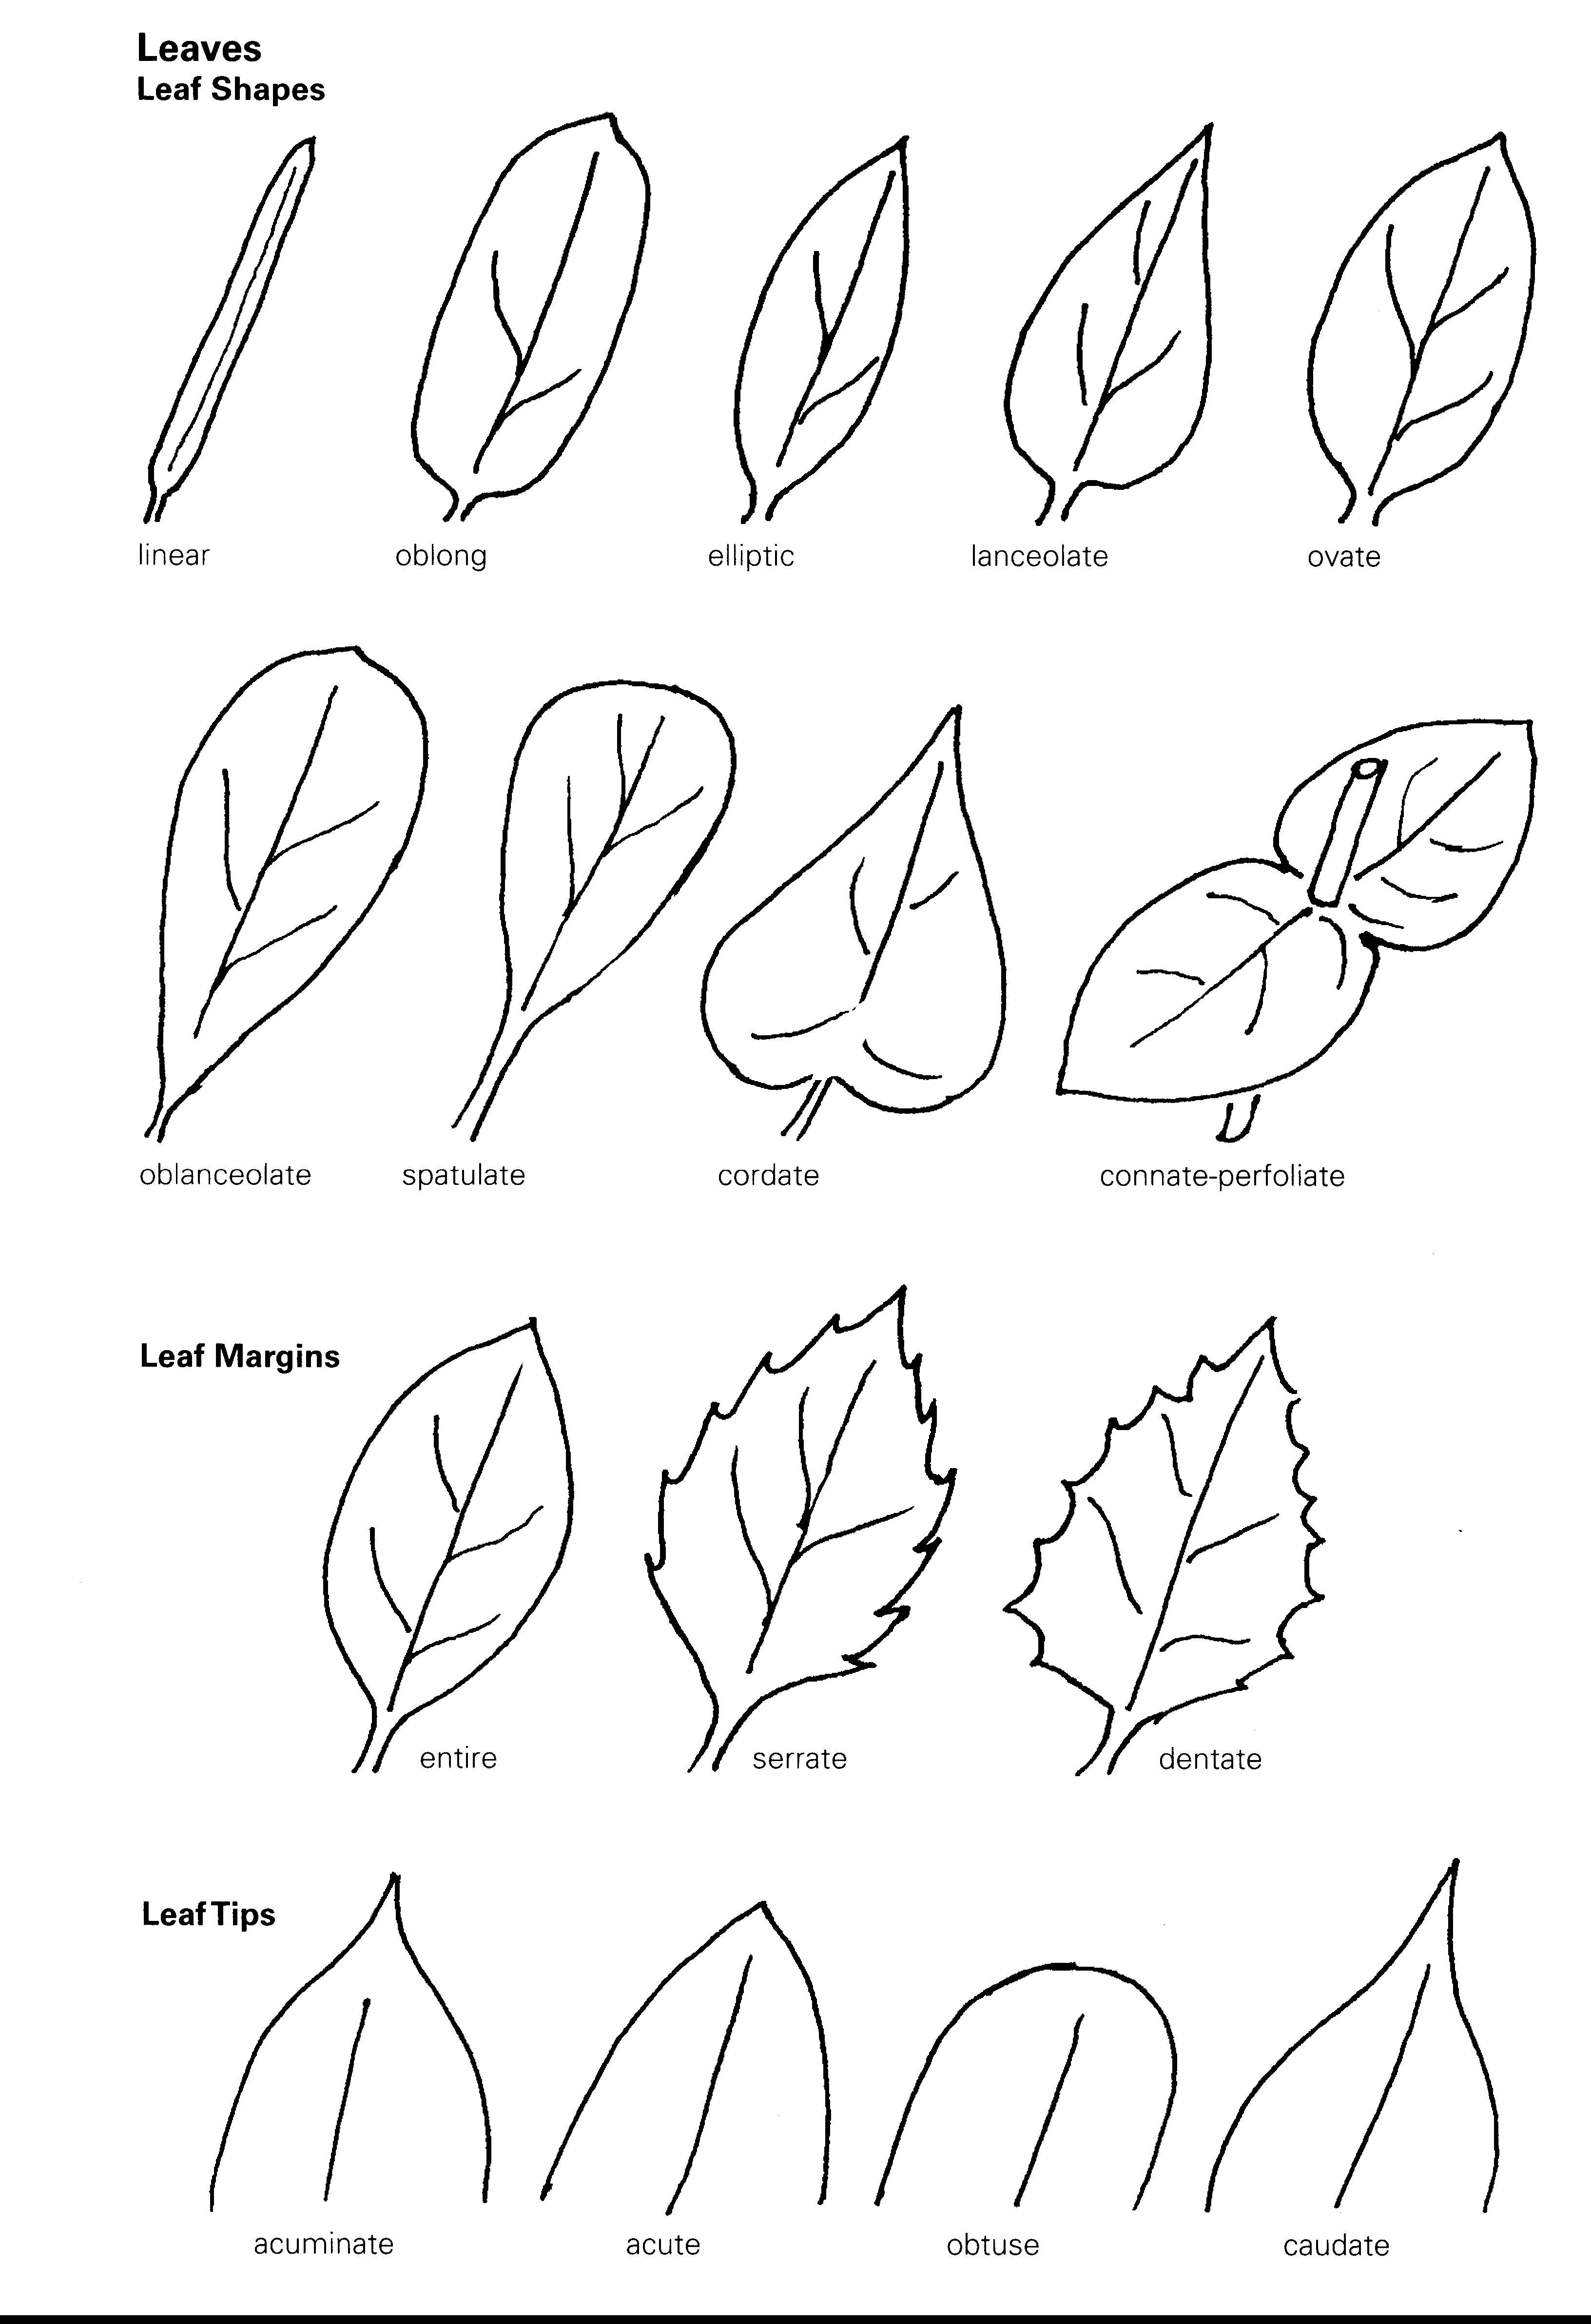 Obtuse Leaf